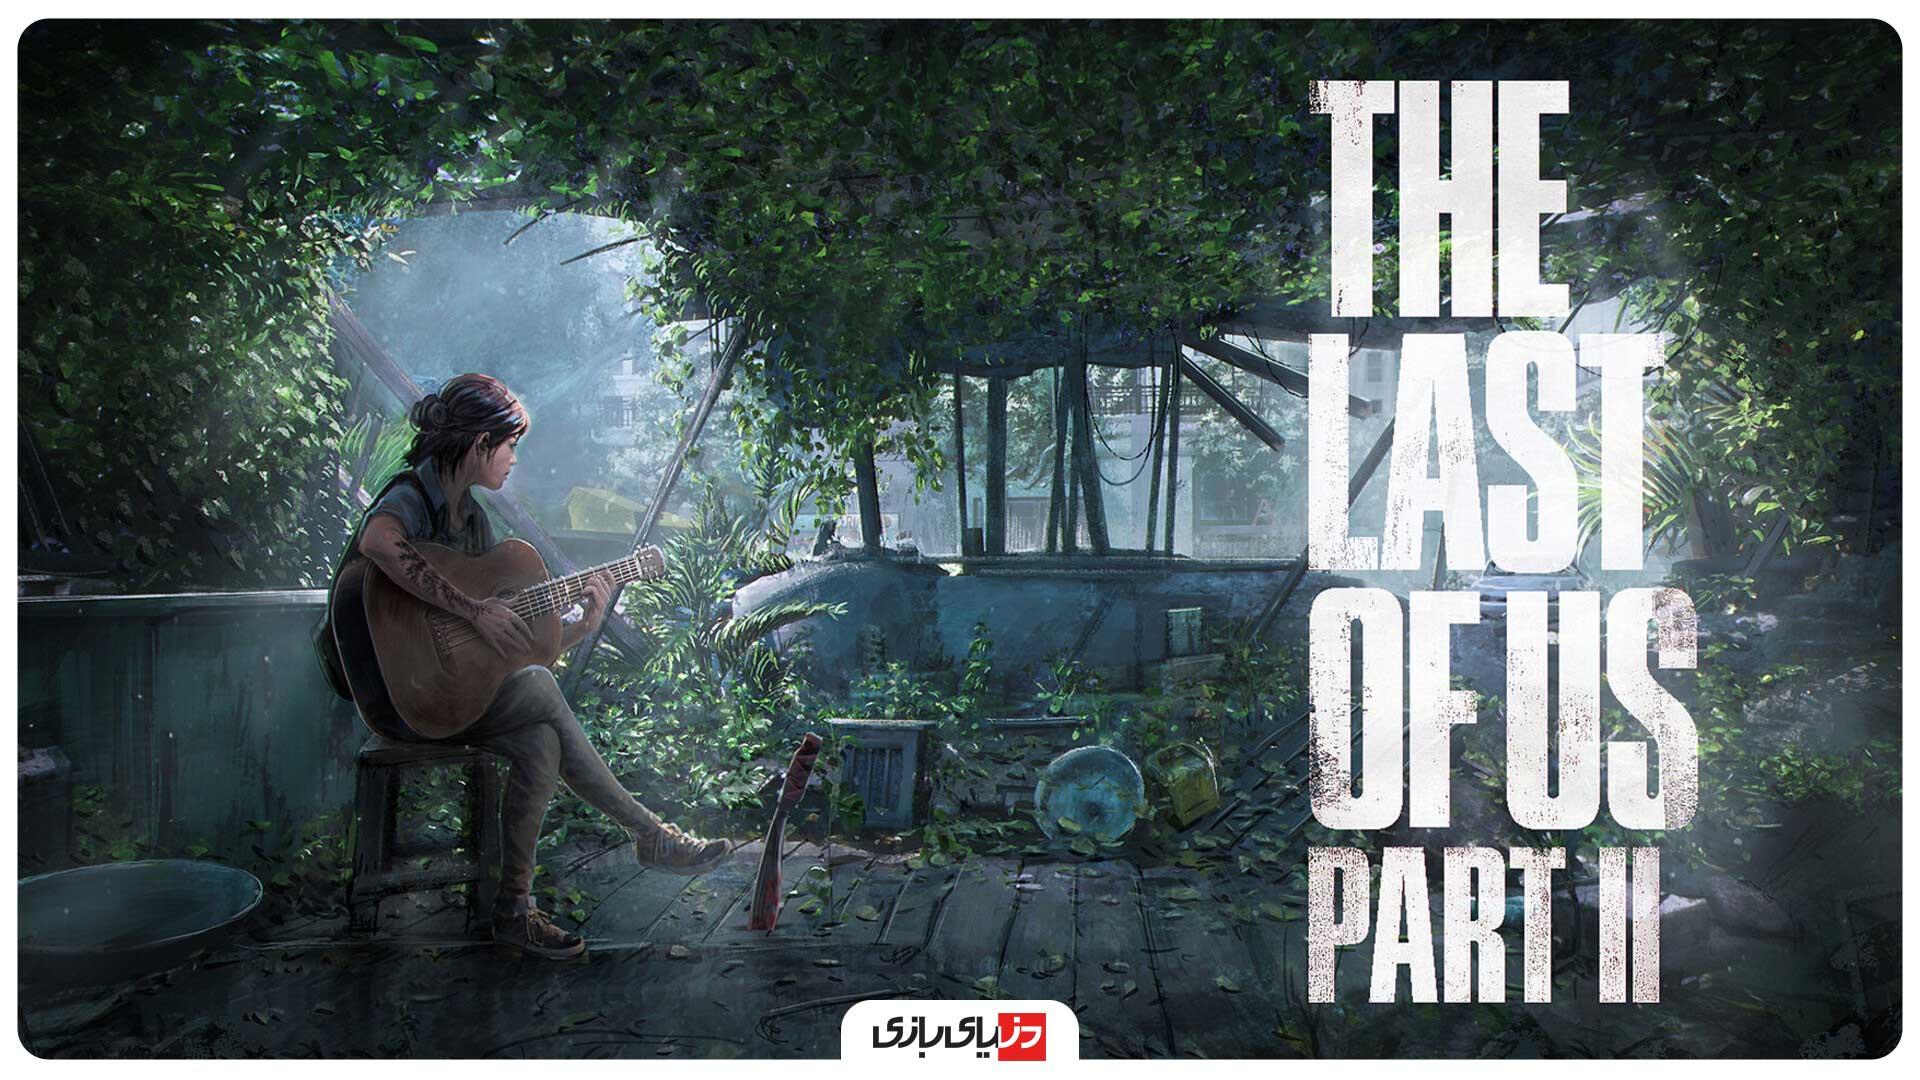 دانلود بازی PS4 - بهترین انحصاری PS4 - بهترین بازی نسل هشت PS4 - دانلود بازی The Last of Us 2 - تریلر بازی The Last of Us 2